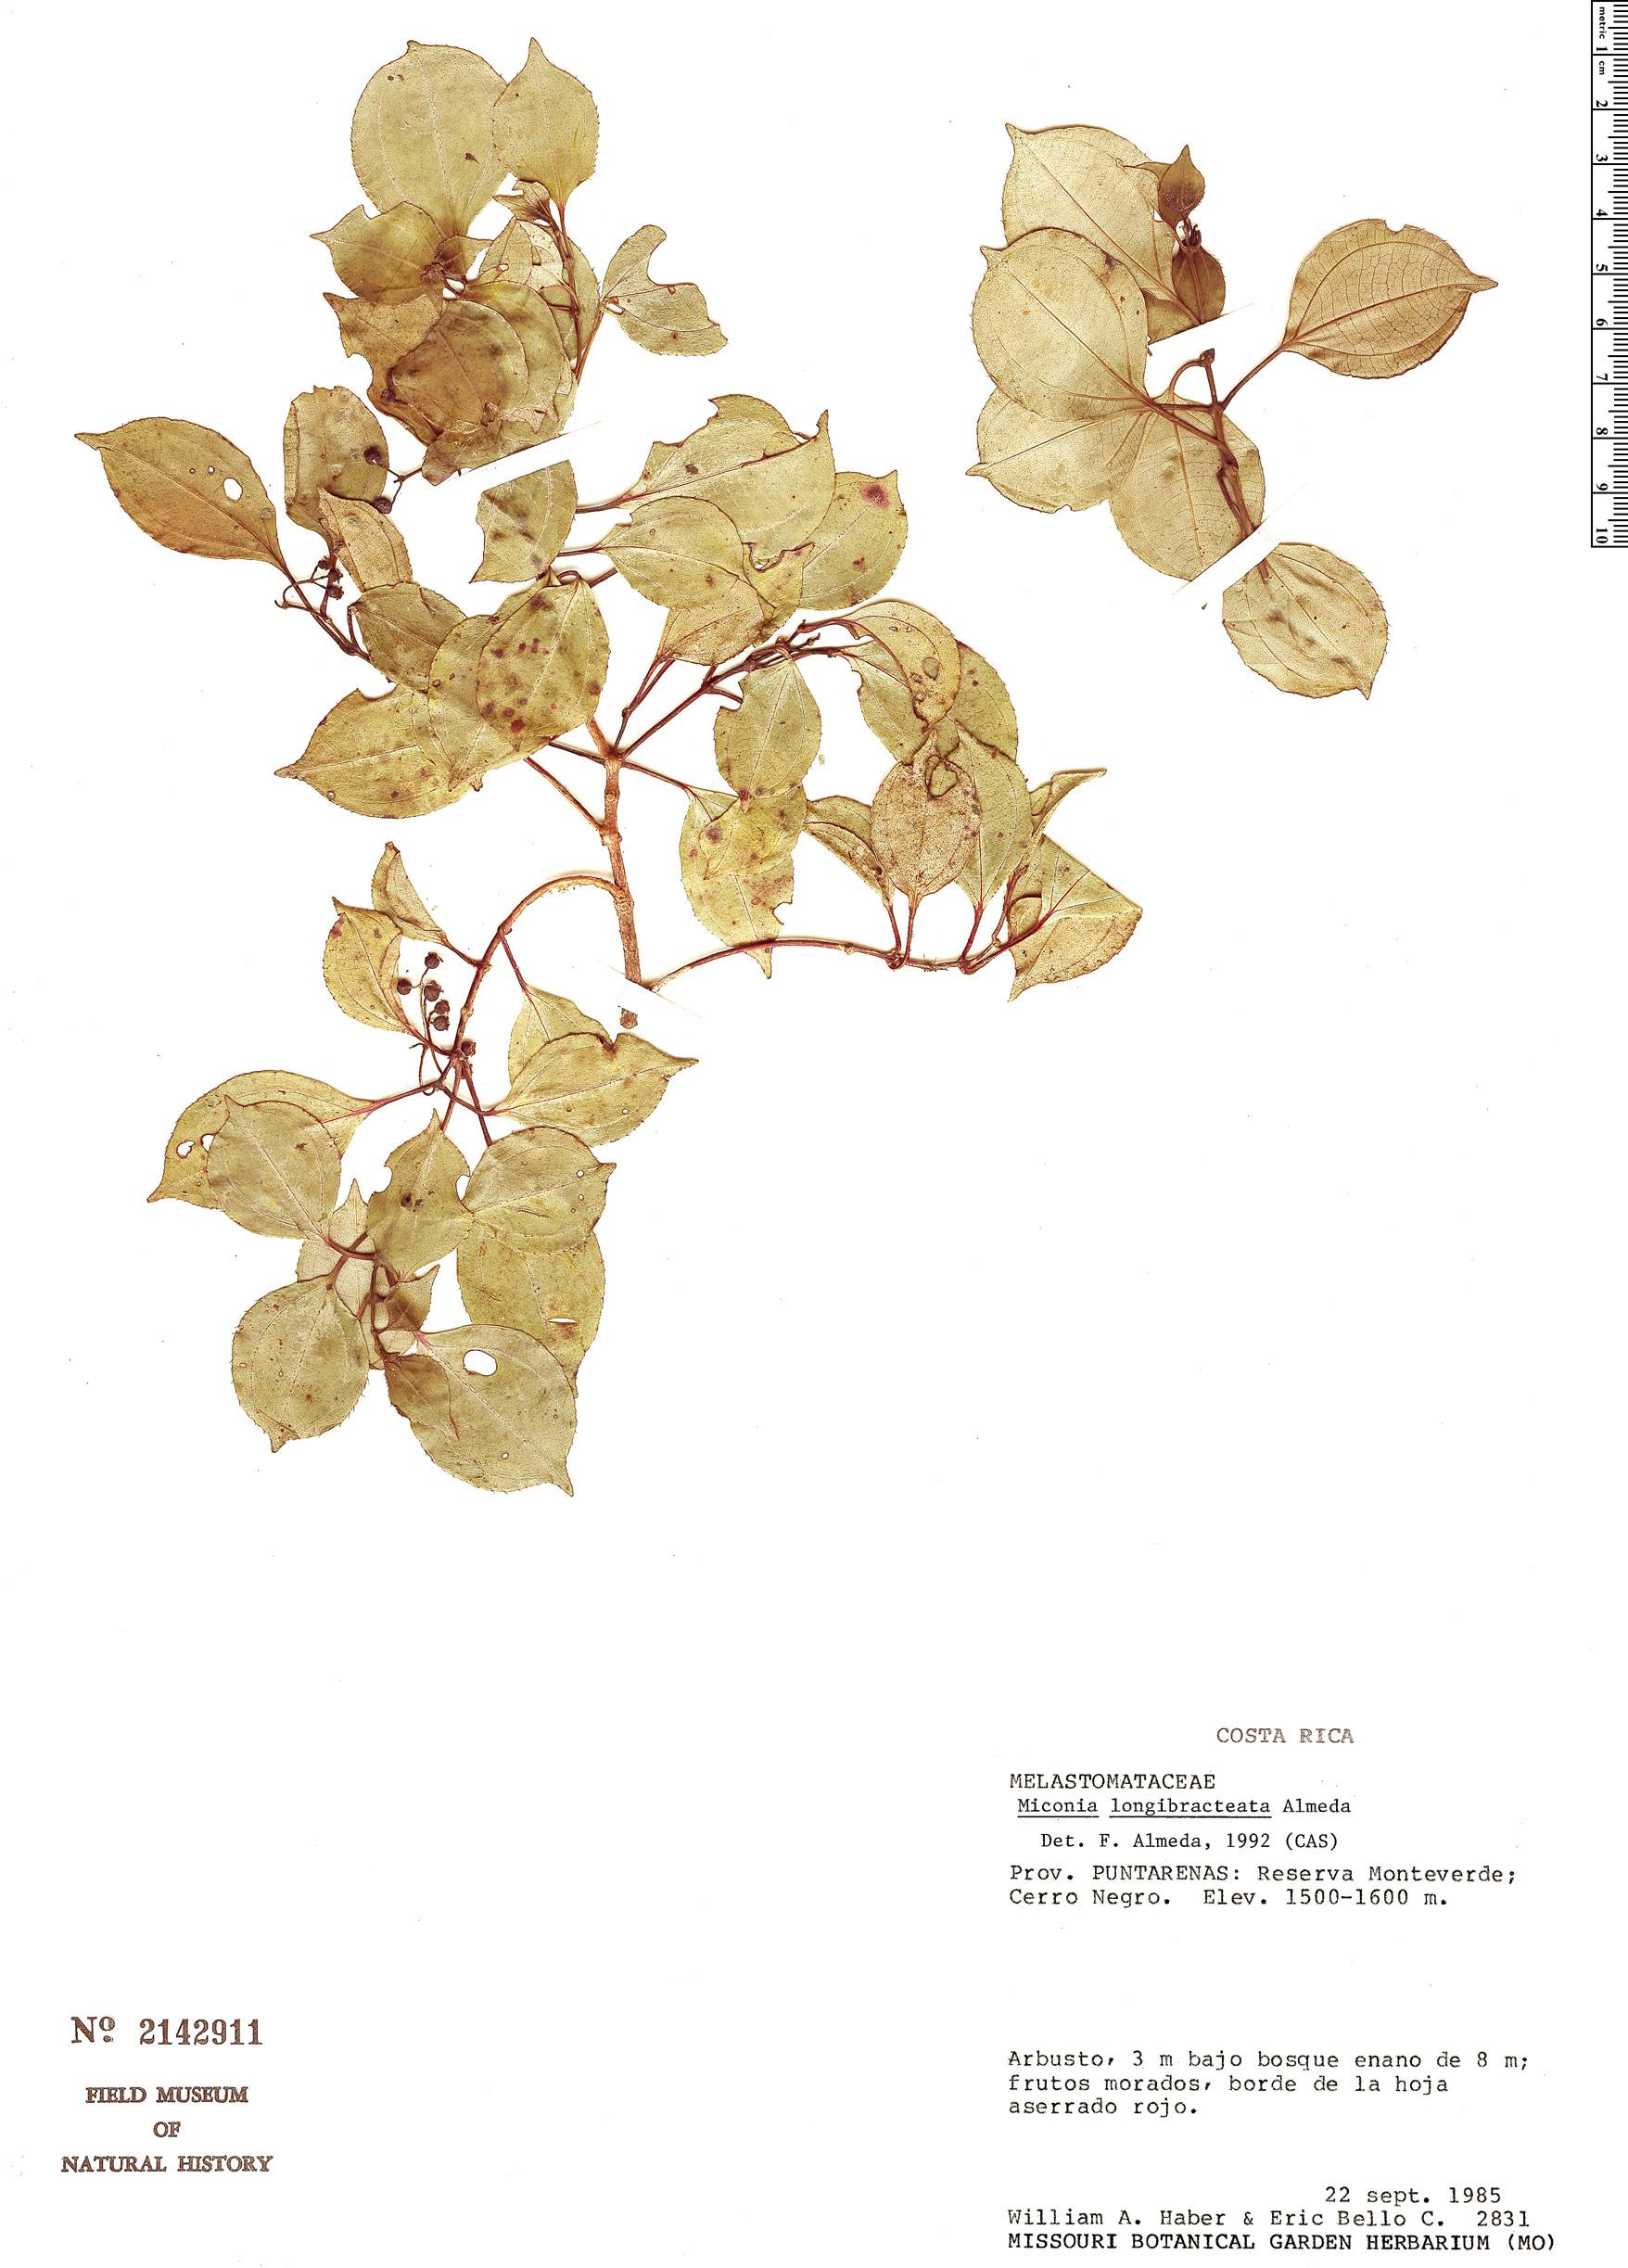 Specimen: Miconia longibracteata